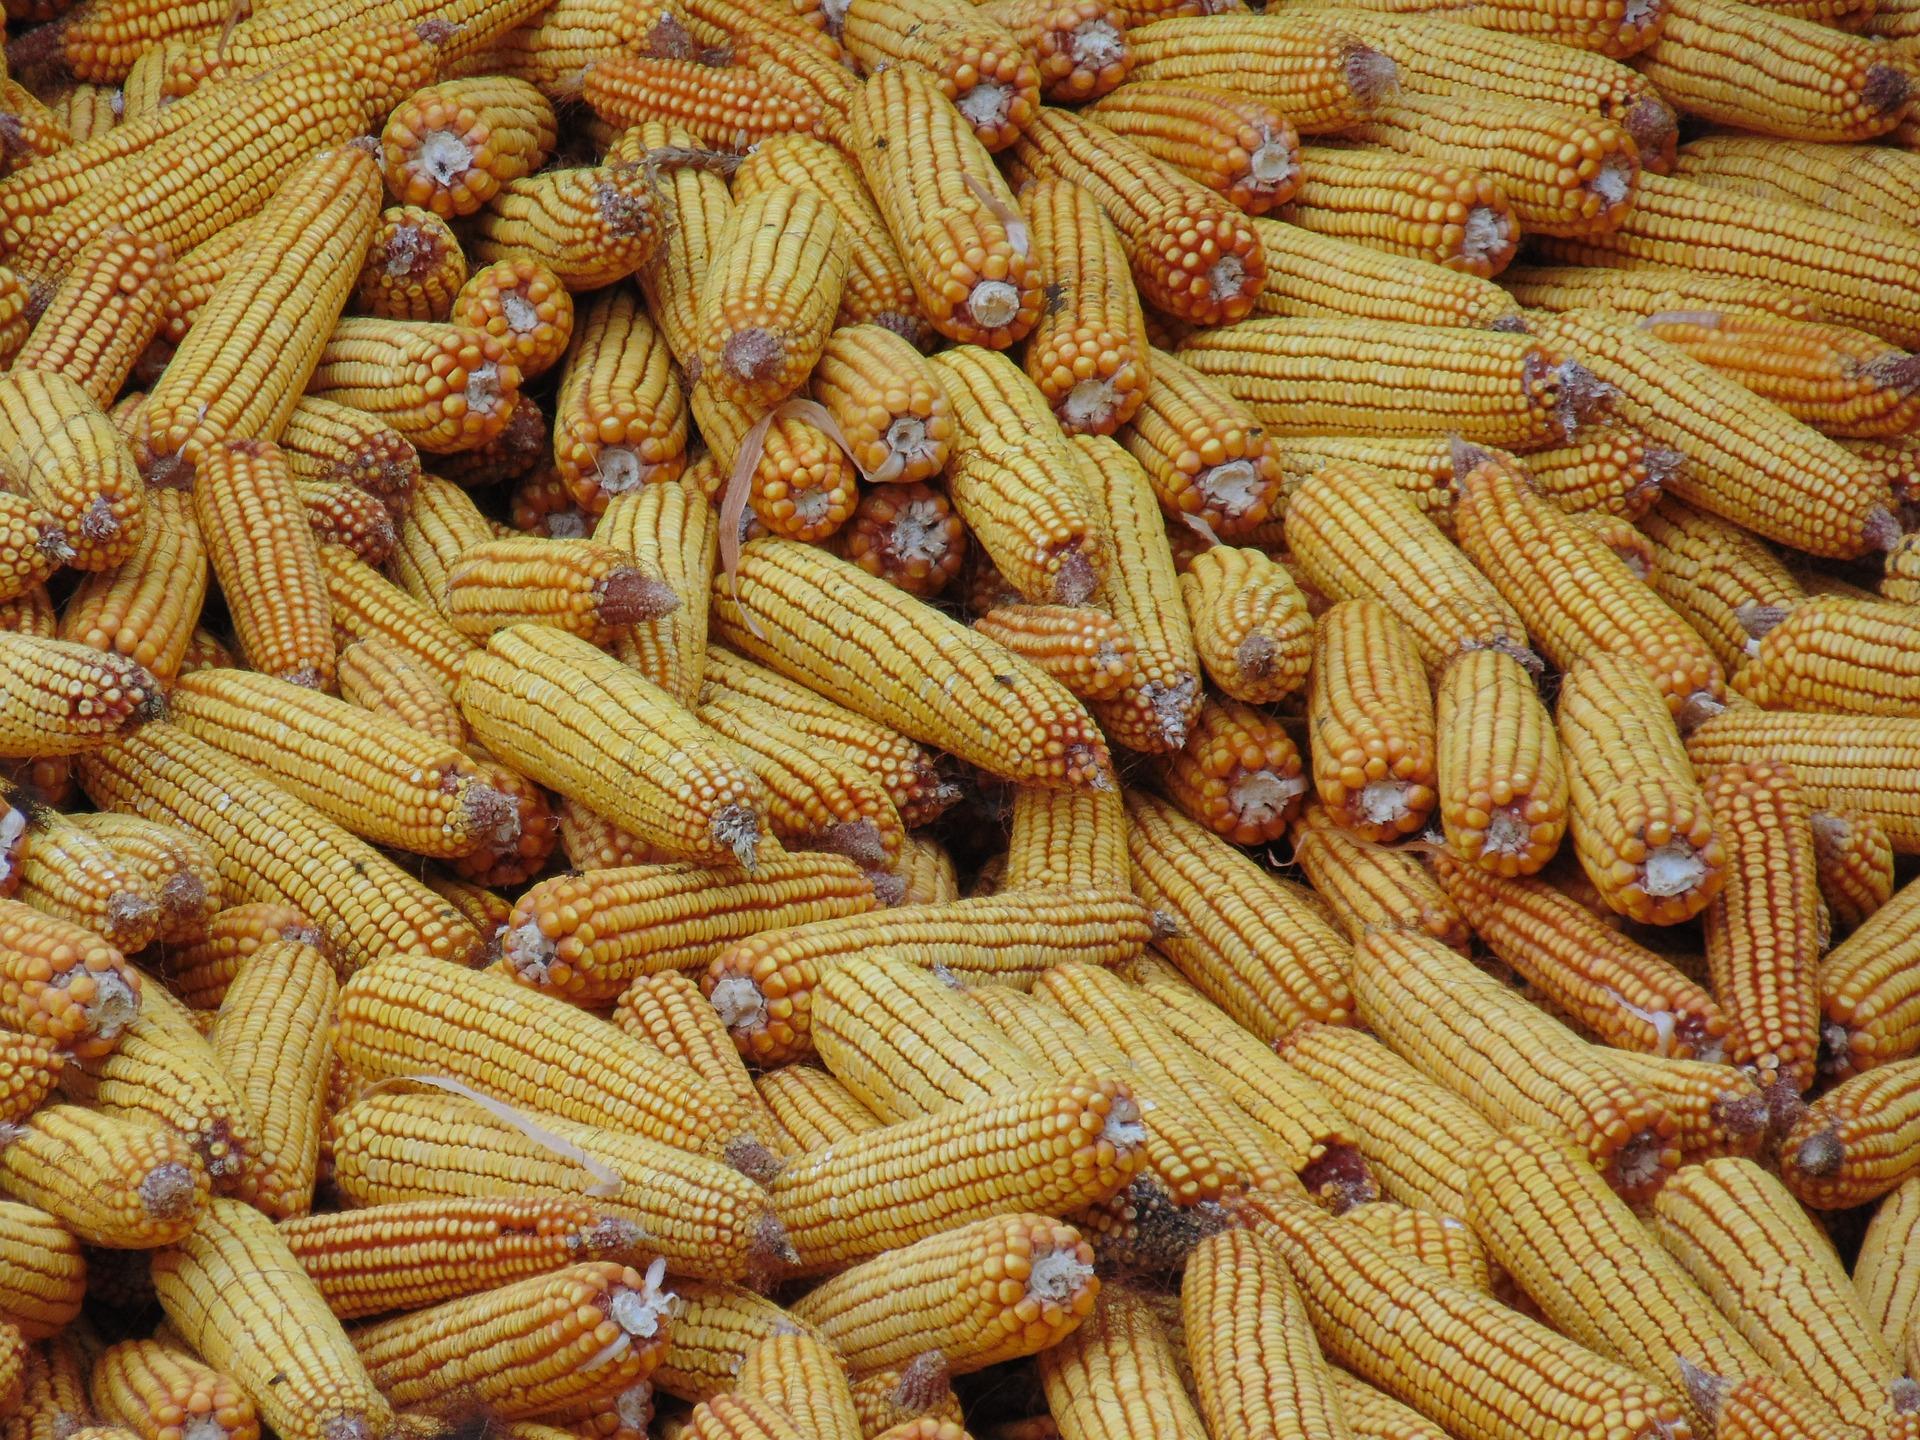 З України експортували 10,2 млн тонн кукурудзи